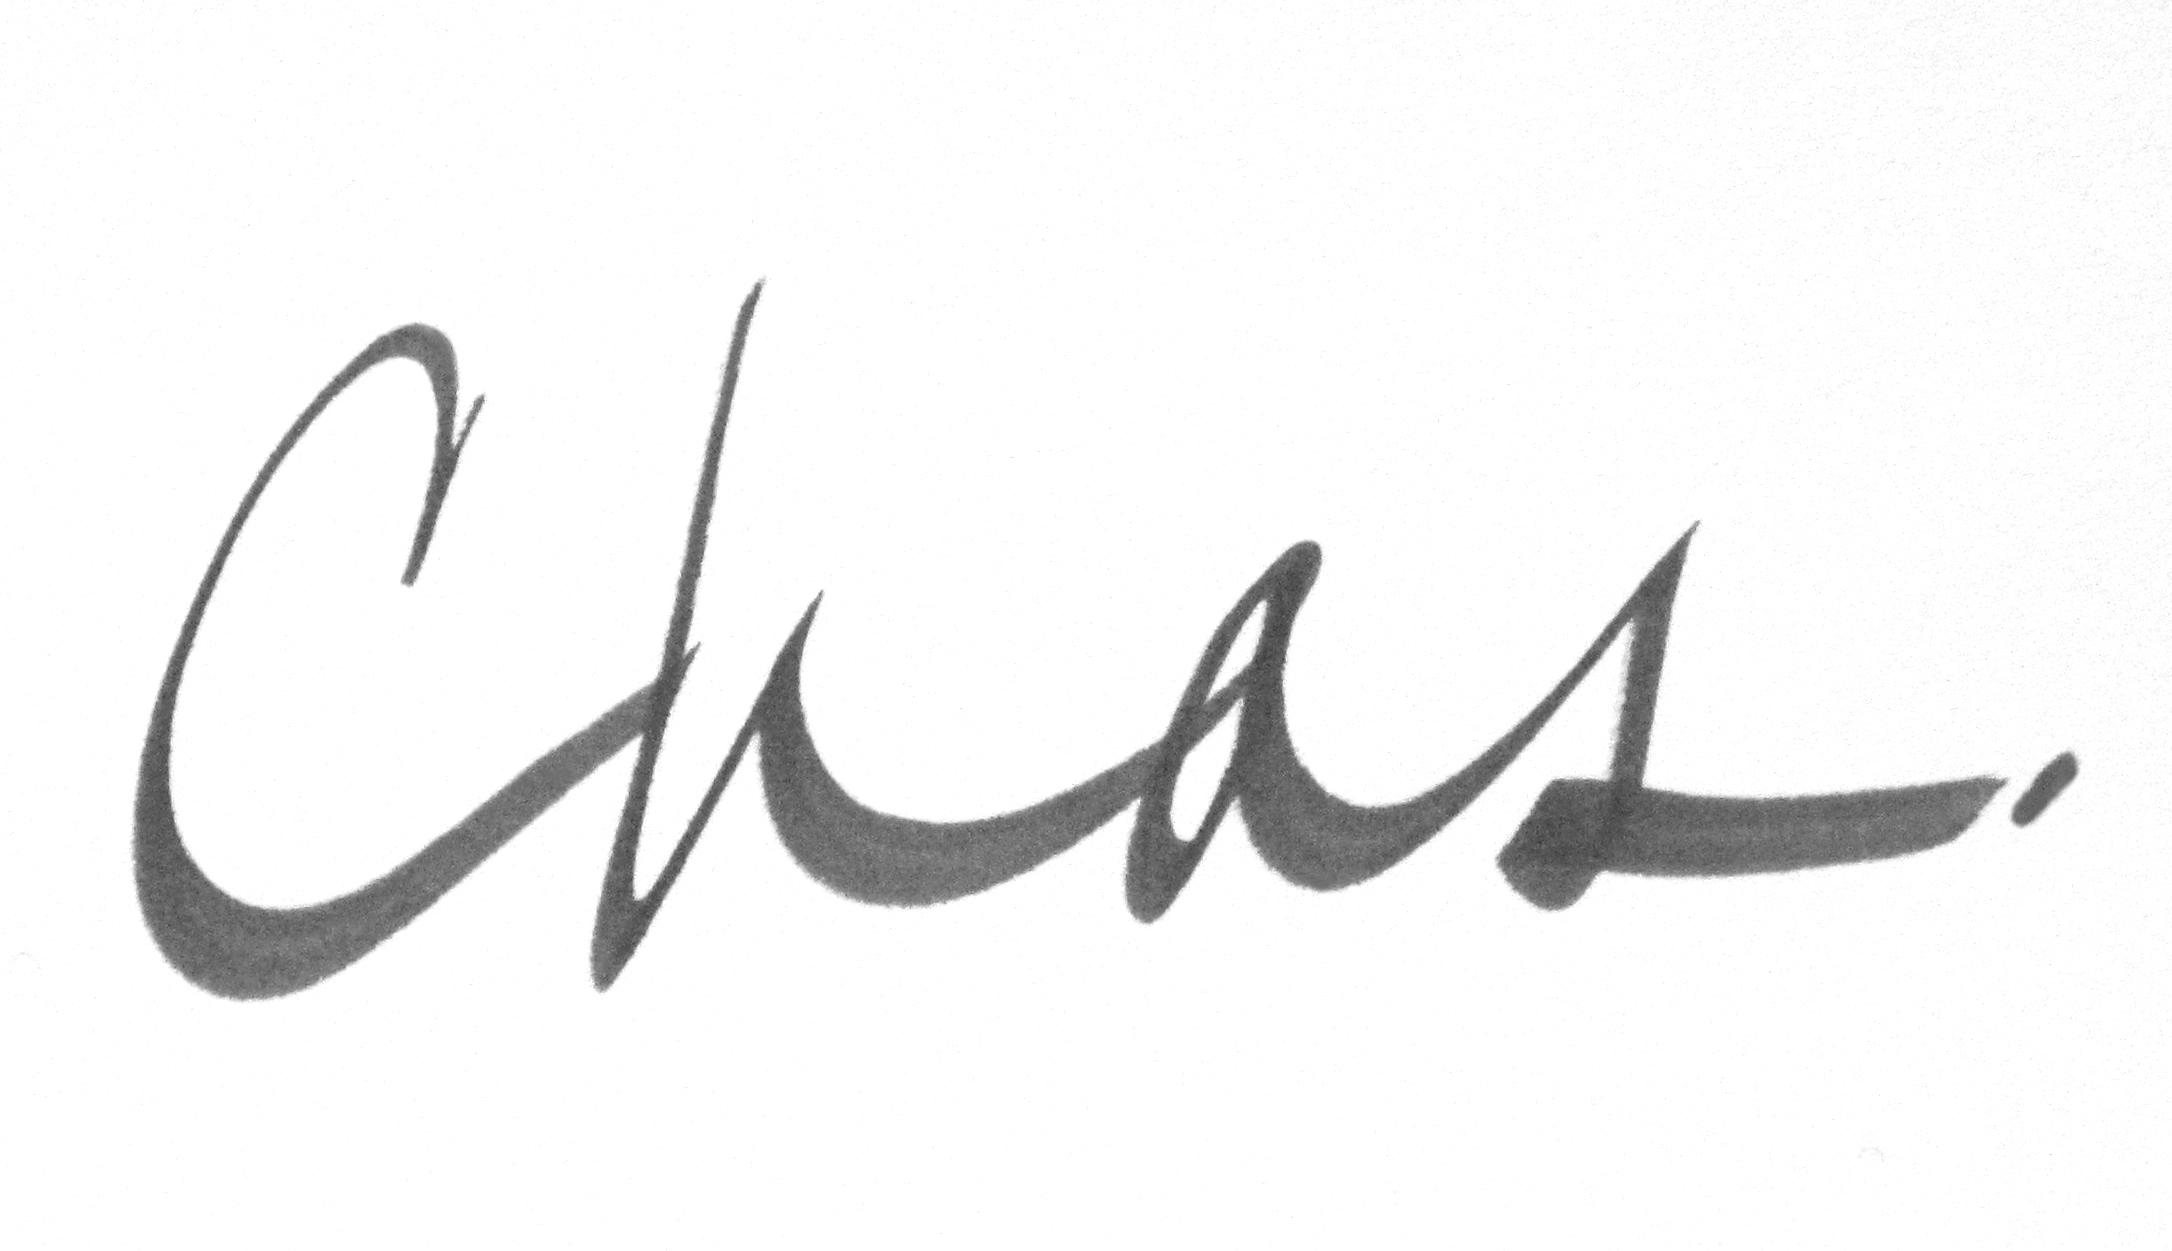 Charles Steele Signature